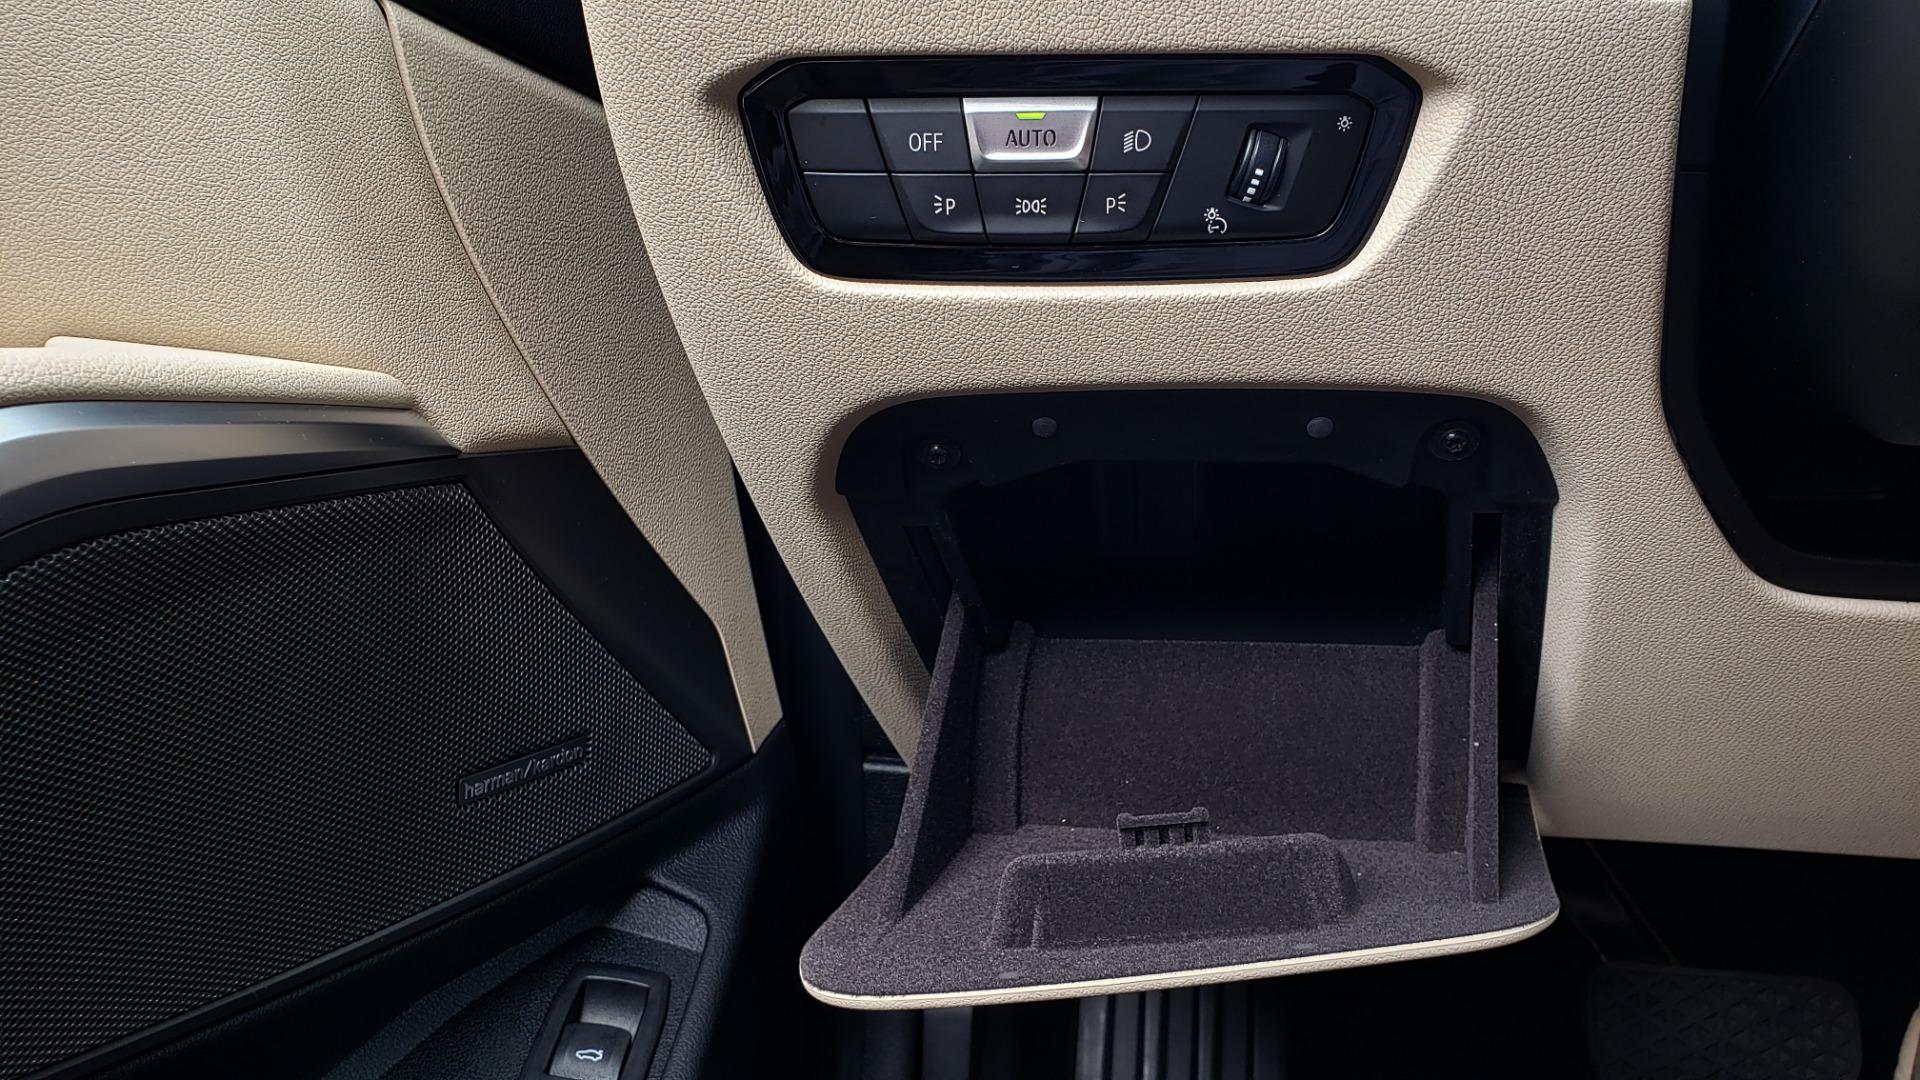 Used 2019 BMW 3 SERIES 330I PREM PKG / NAV / CONV PKG / H&K SND / LIVE COCKPIT PRO for sale Sold at Formula Imports in Charlotte NC 28227 38